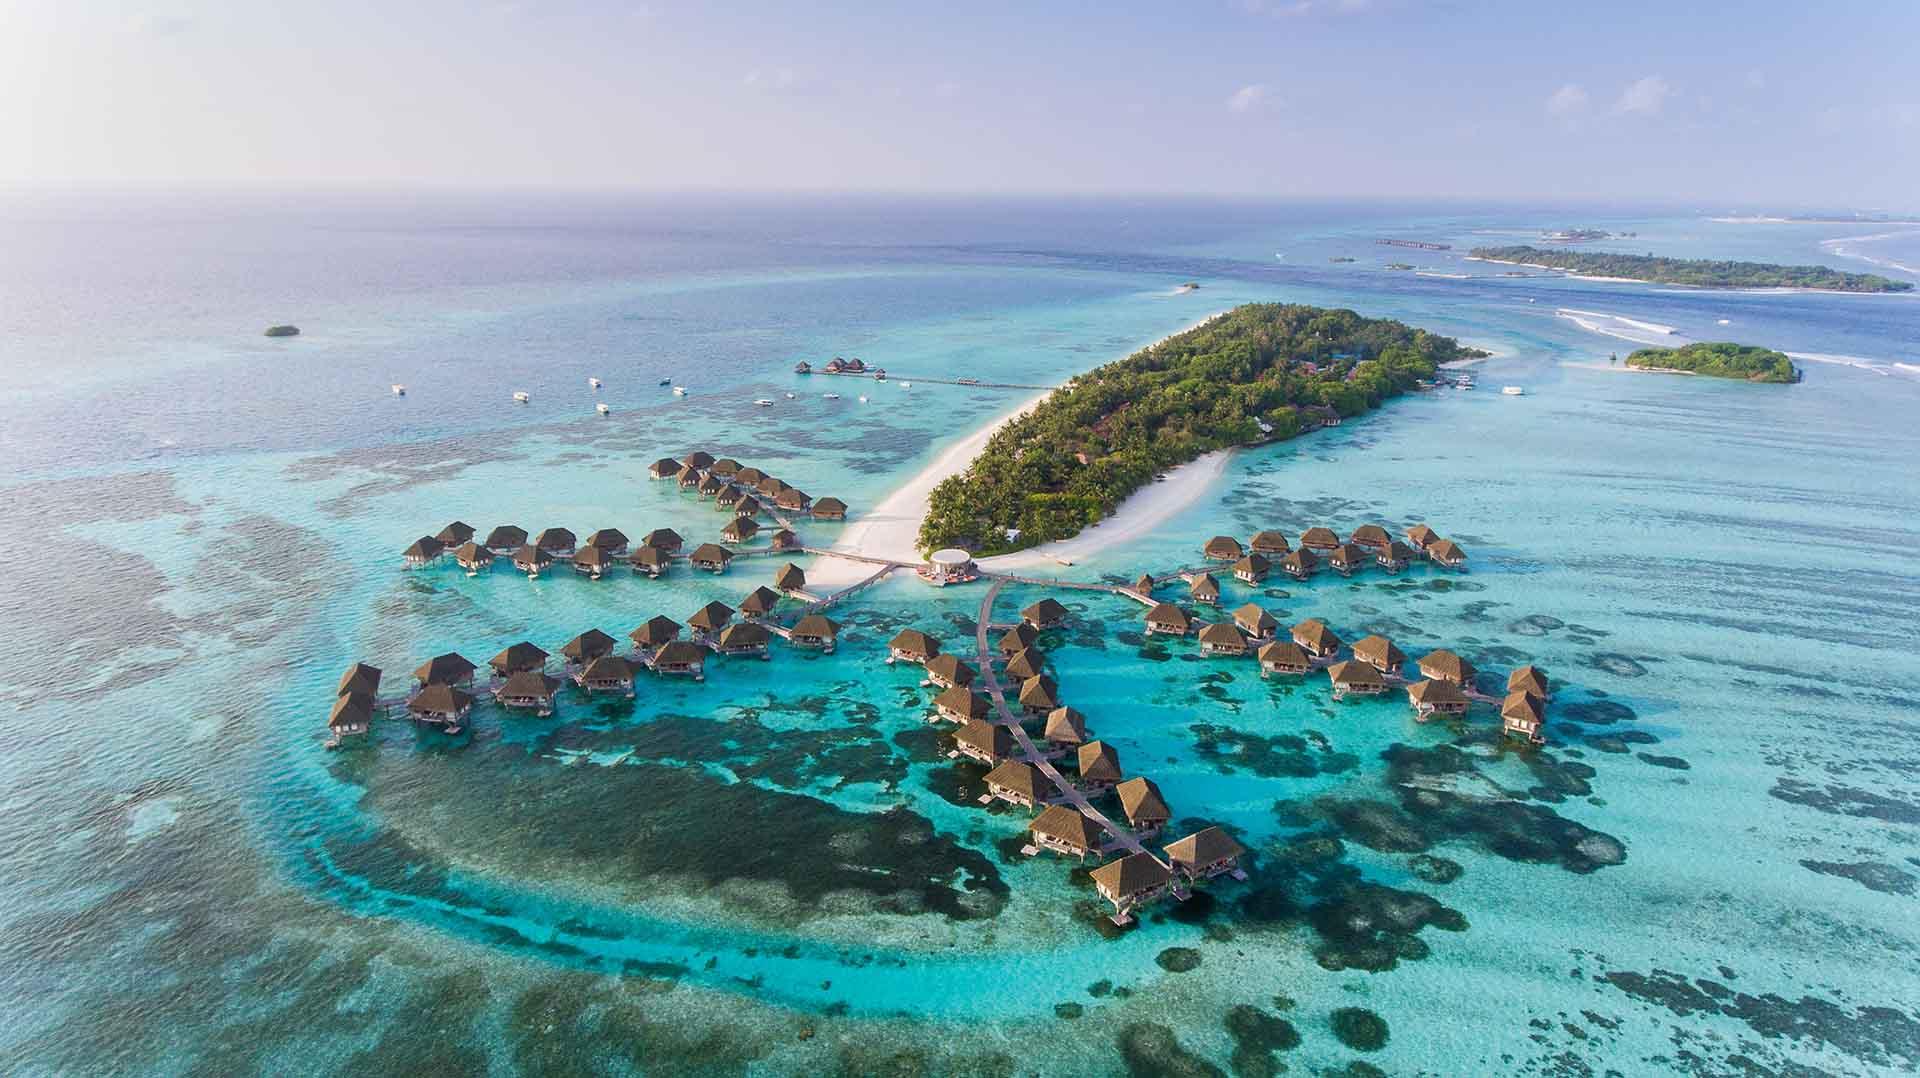 Según datos del Banco Mundial, Maldivas, una pequeña nación insular en el Océano Índico, obtiene el 38,92% de su PIB del turismo. Planea reabrir a los turistas en julio y ha abandonado los planes de cobrar a los turistas tarifas adicionales por visas y pruebas